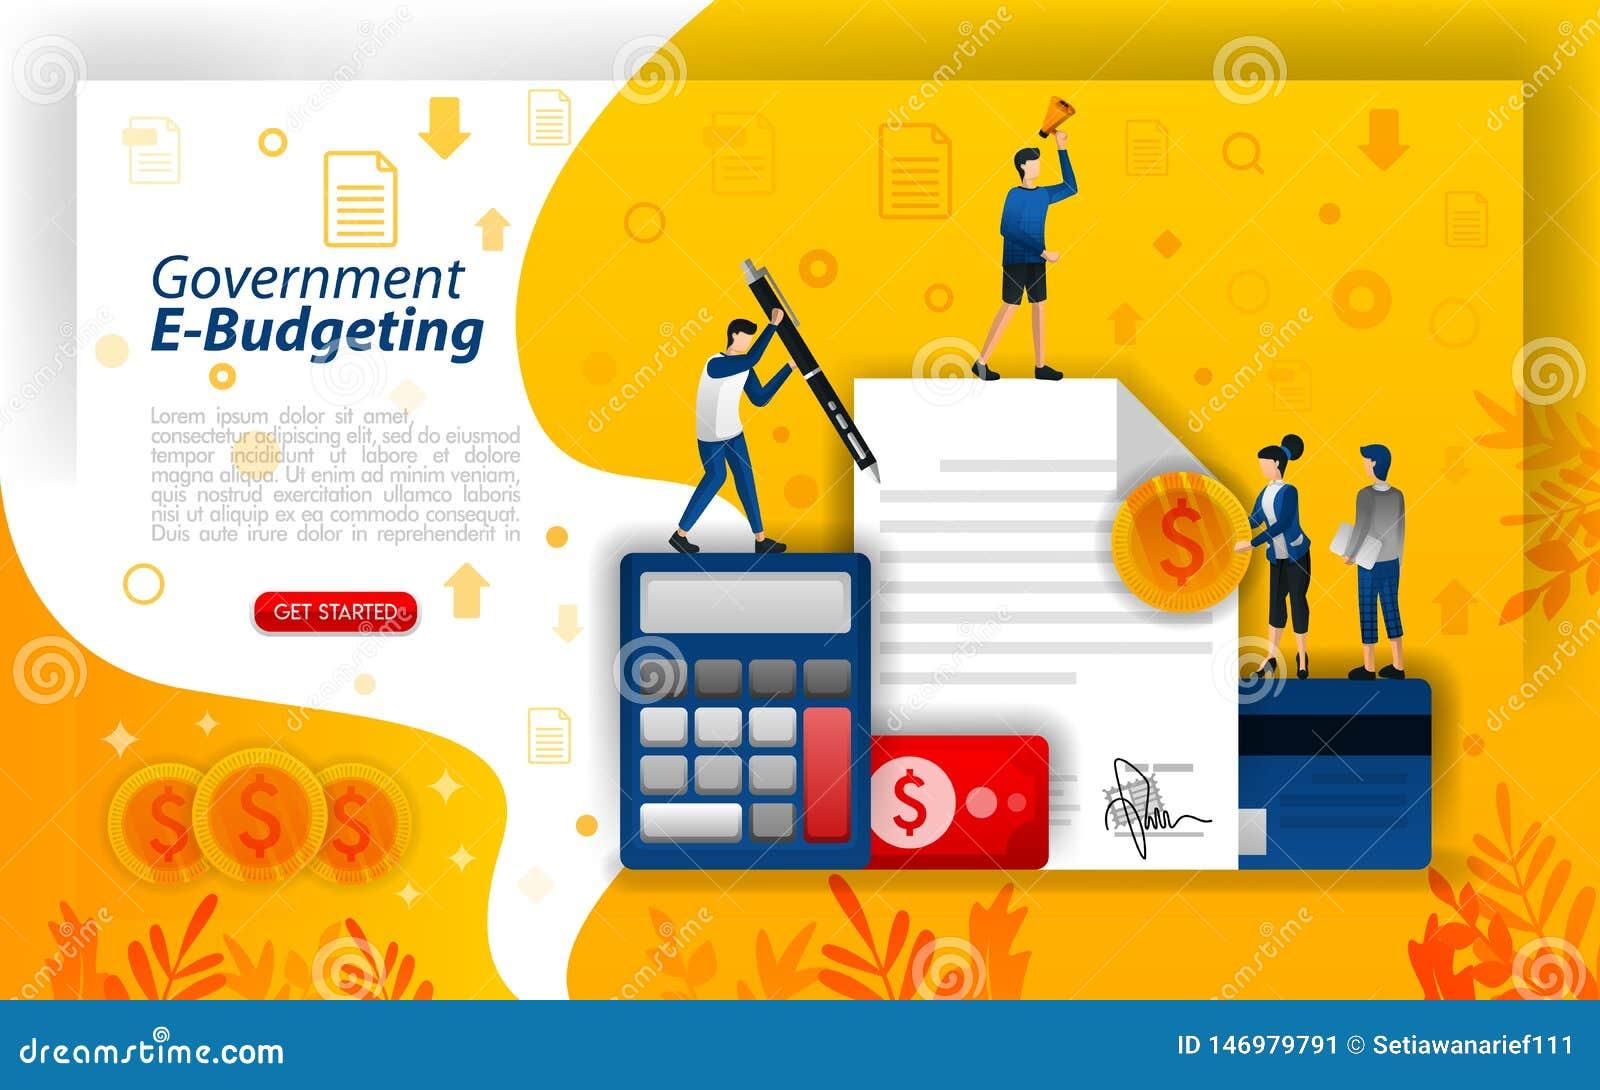 Σε απευθείας σύνδεση οικονομικός σχεδιασμός, ψηφιακή σύνταξη προϋπολογισμού, σε απευθείας σύνδεση κυβερνητική σύνταξη προϋπολογισ